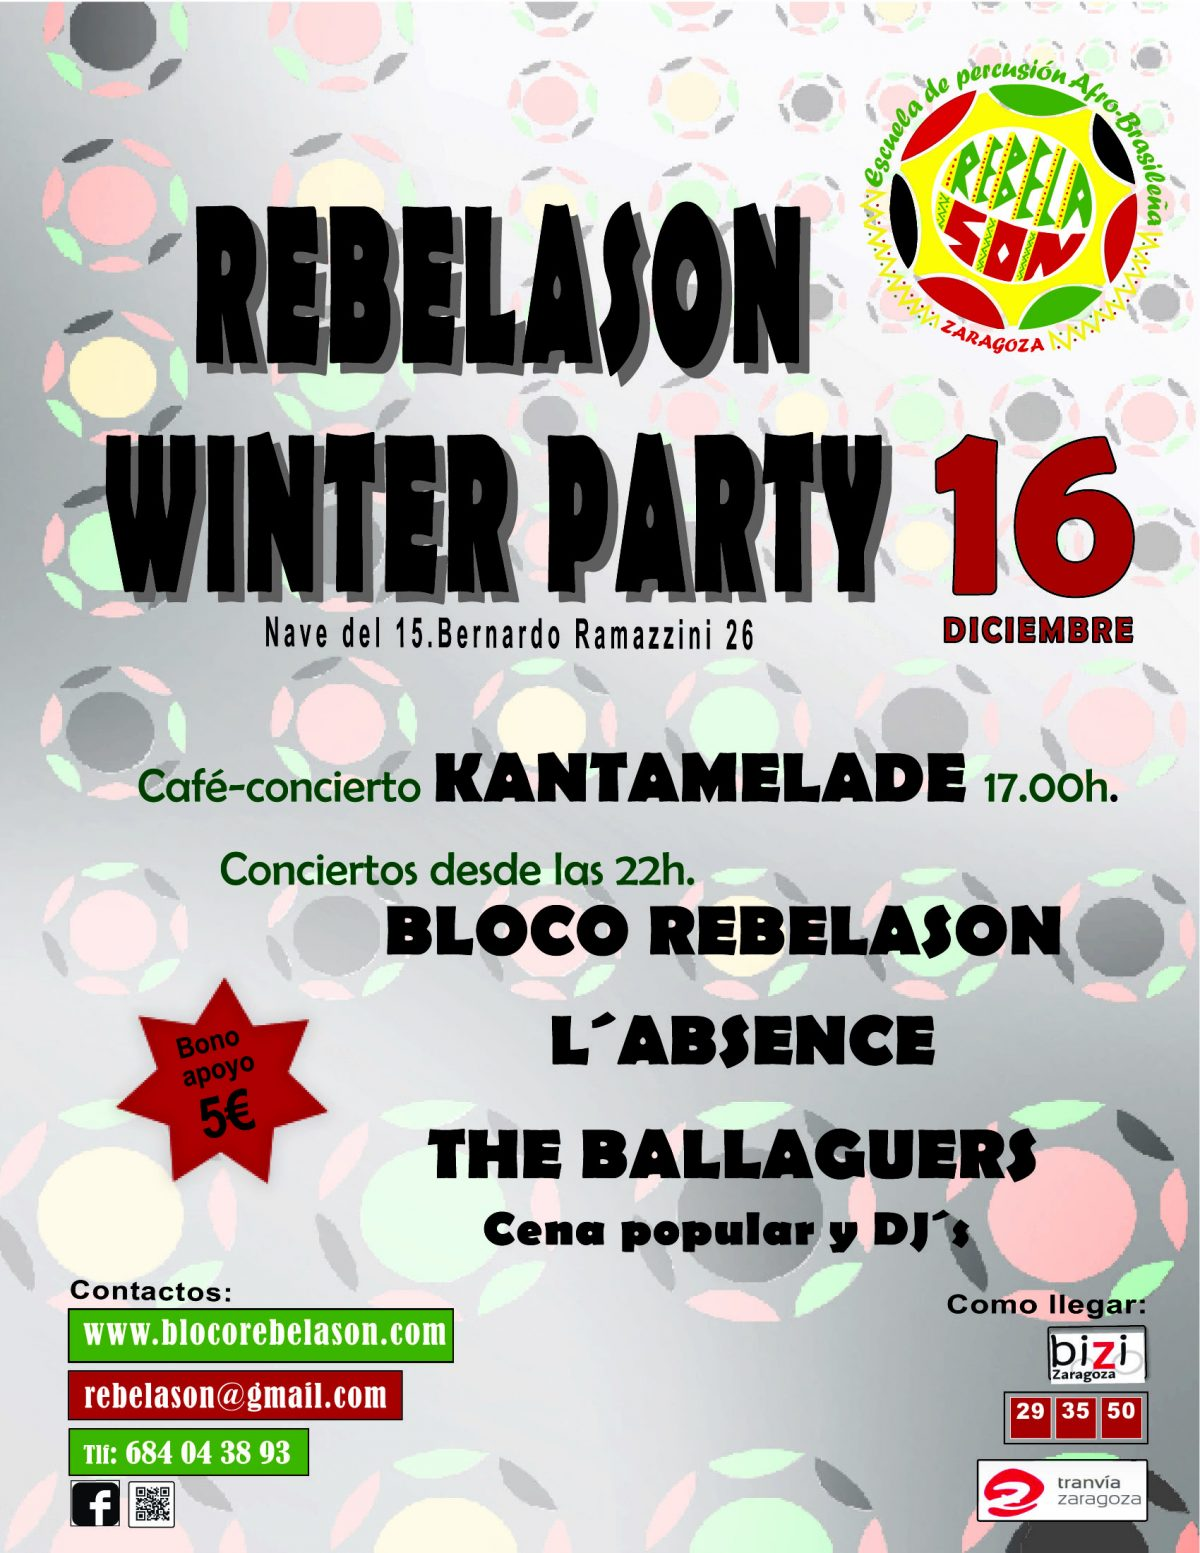 REBELASON WINTER PARTY